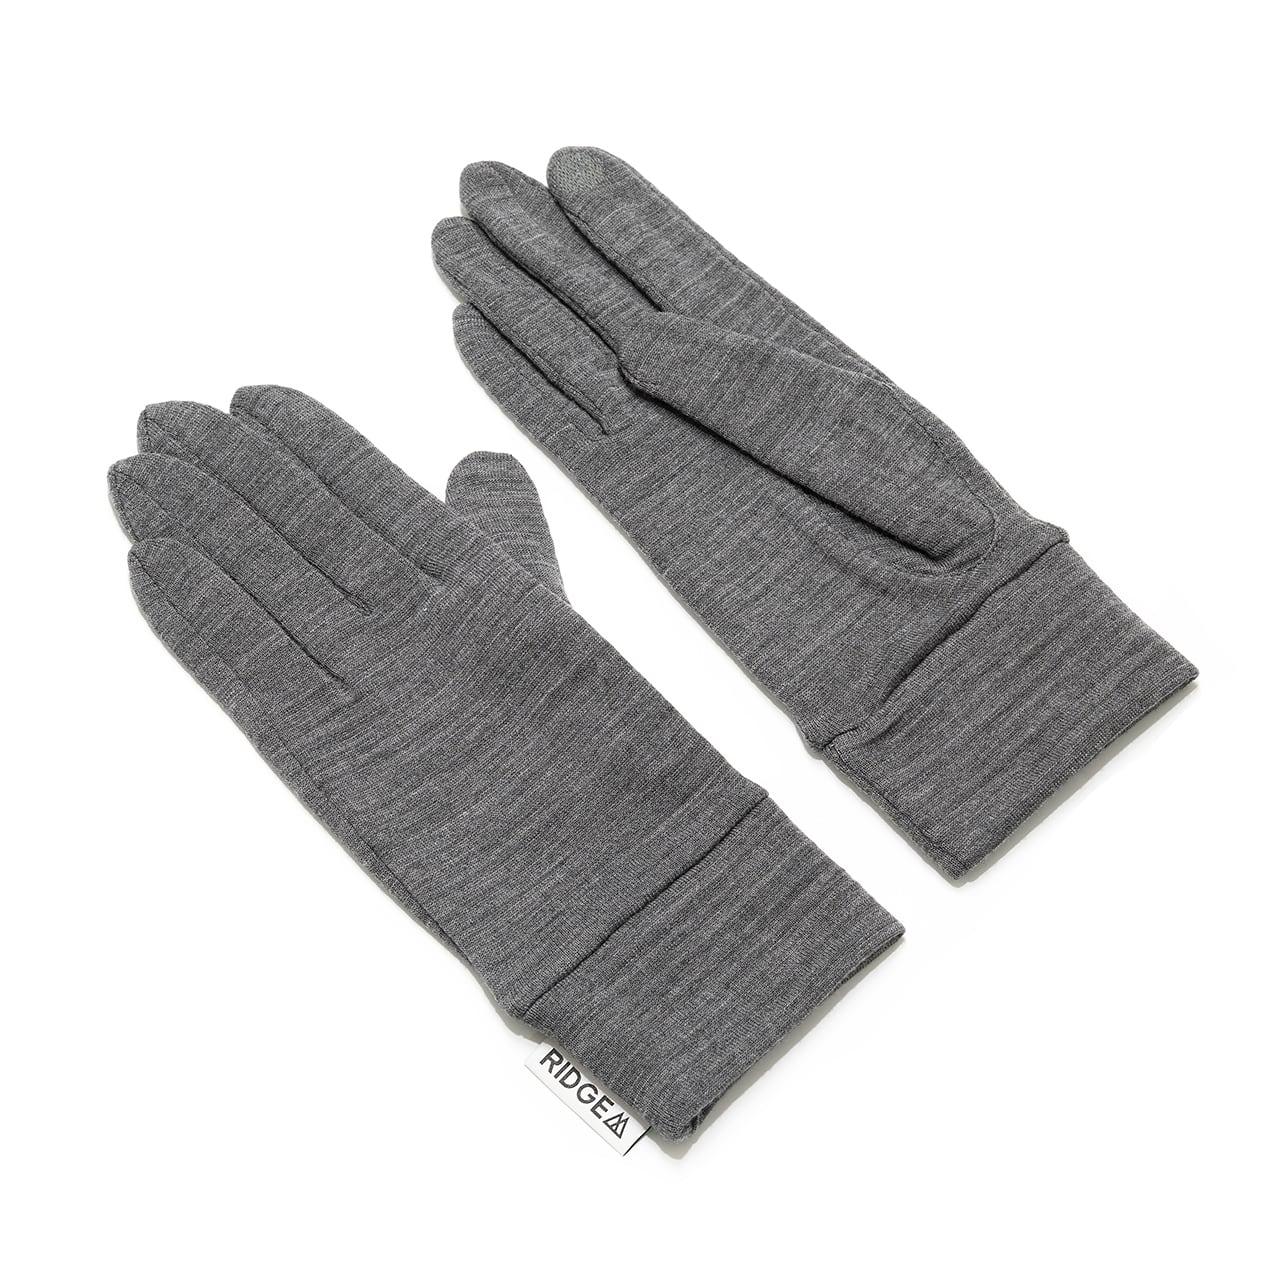 Grid Merino Glove